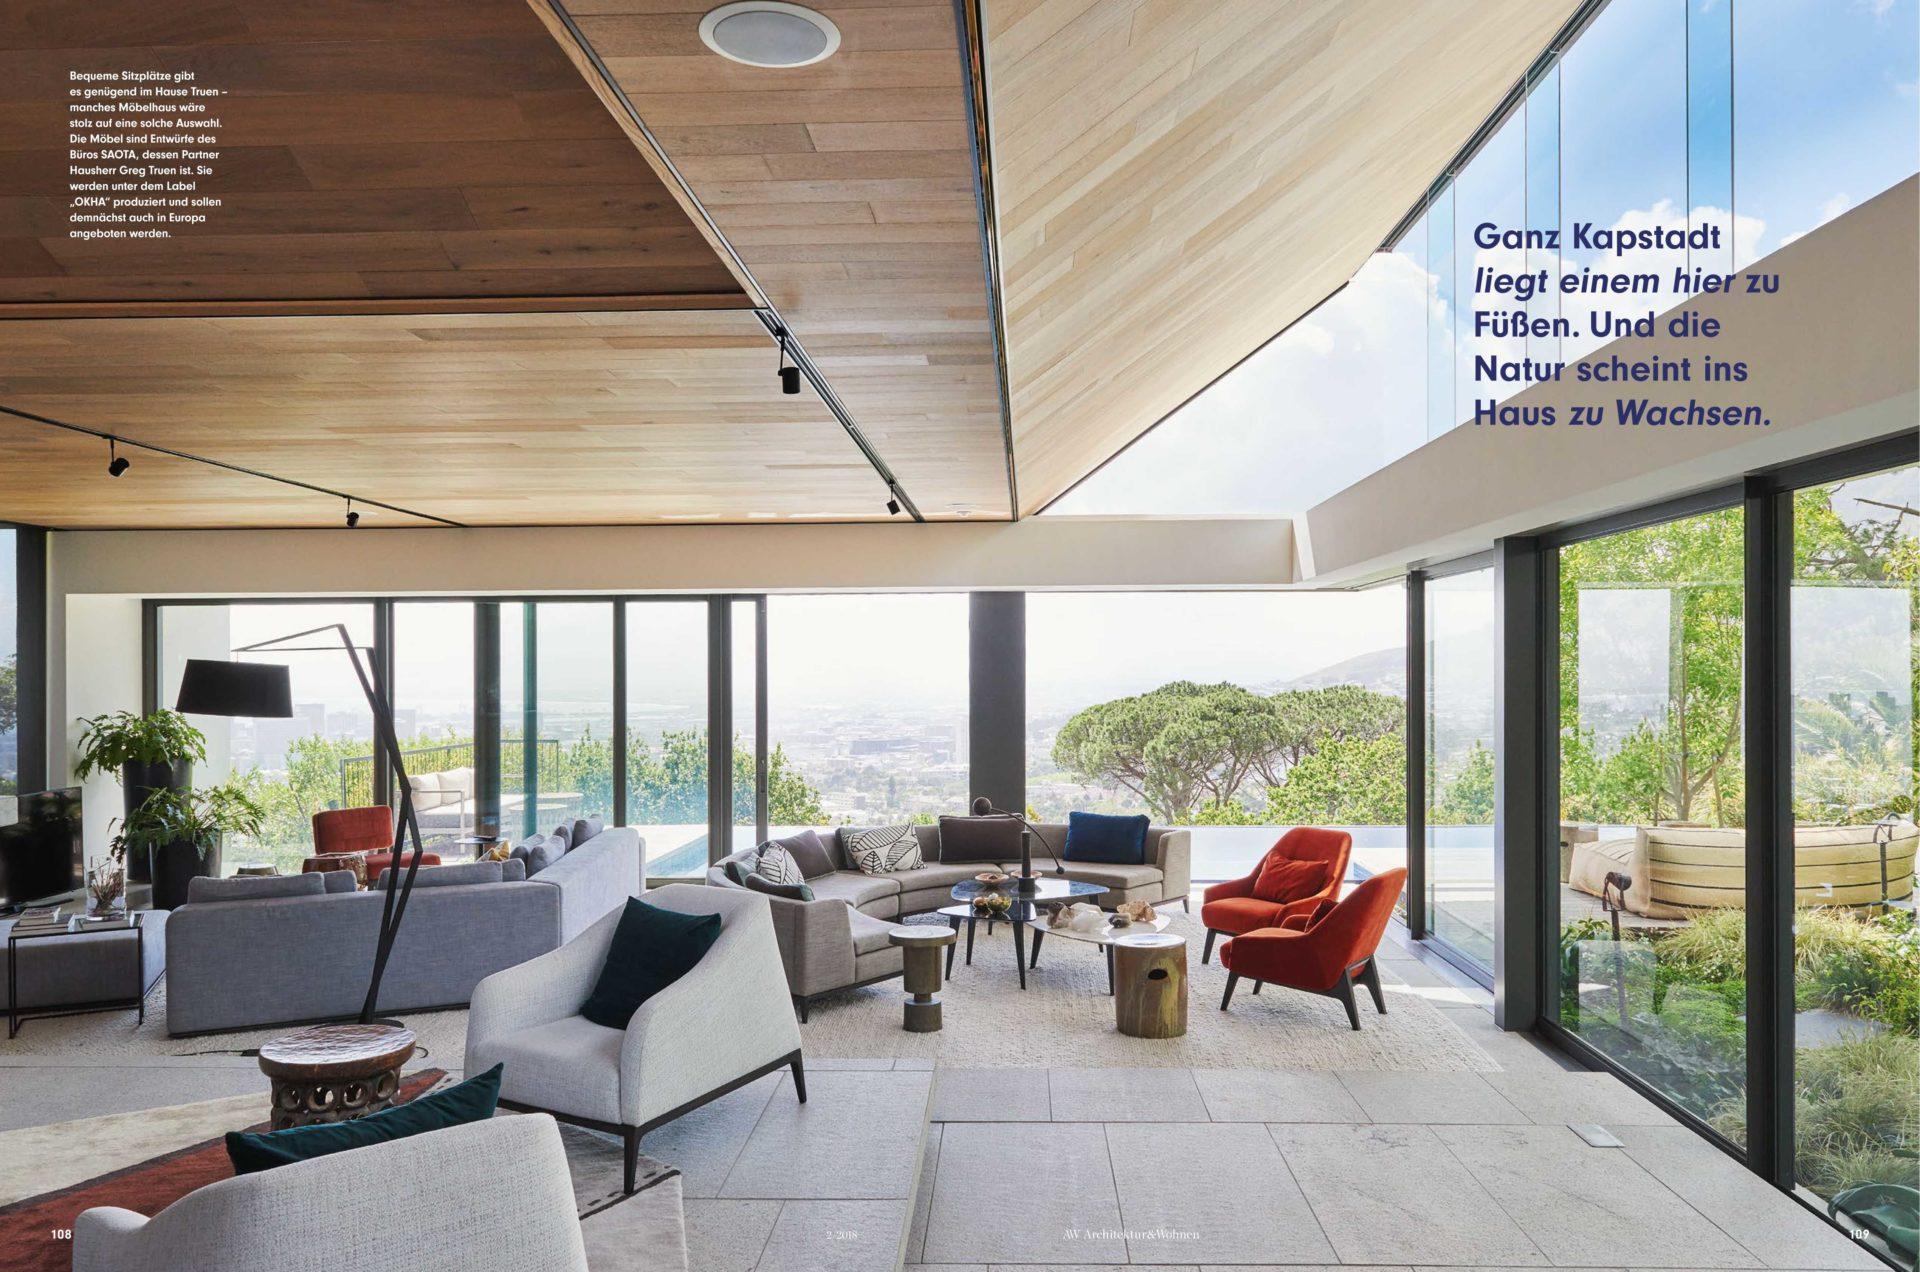 Kloof 119A, Cape Town in Architektur & Wohnen Magazine - SAOTA ...